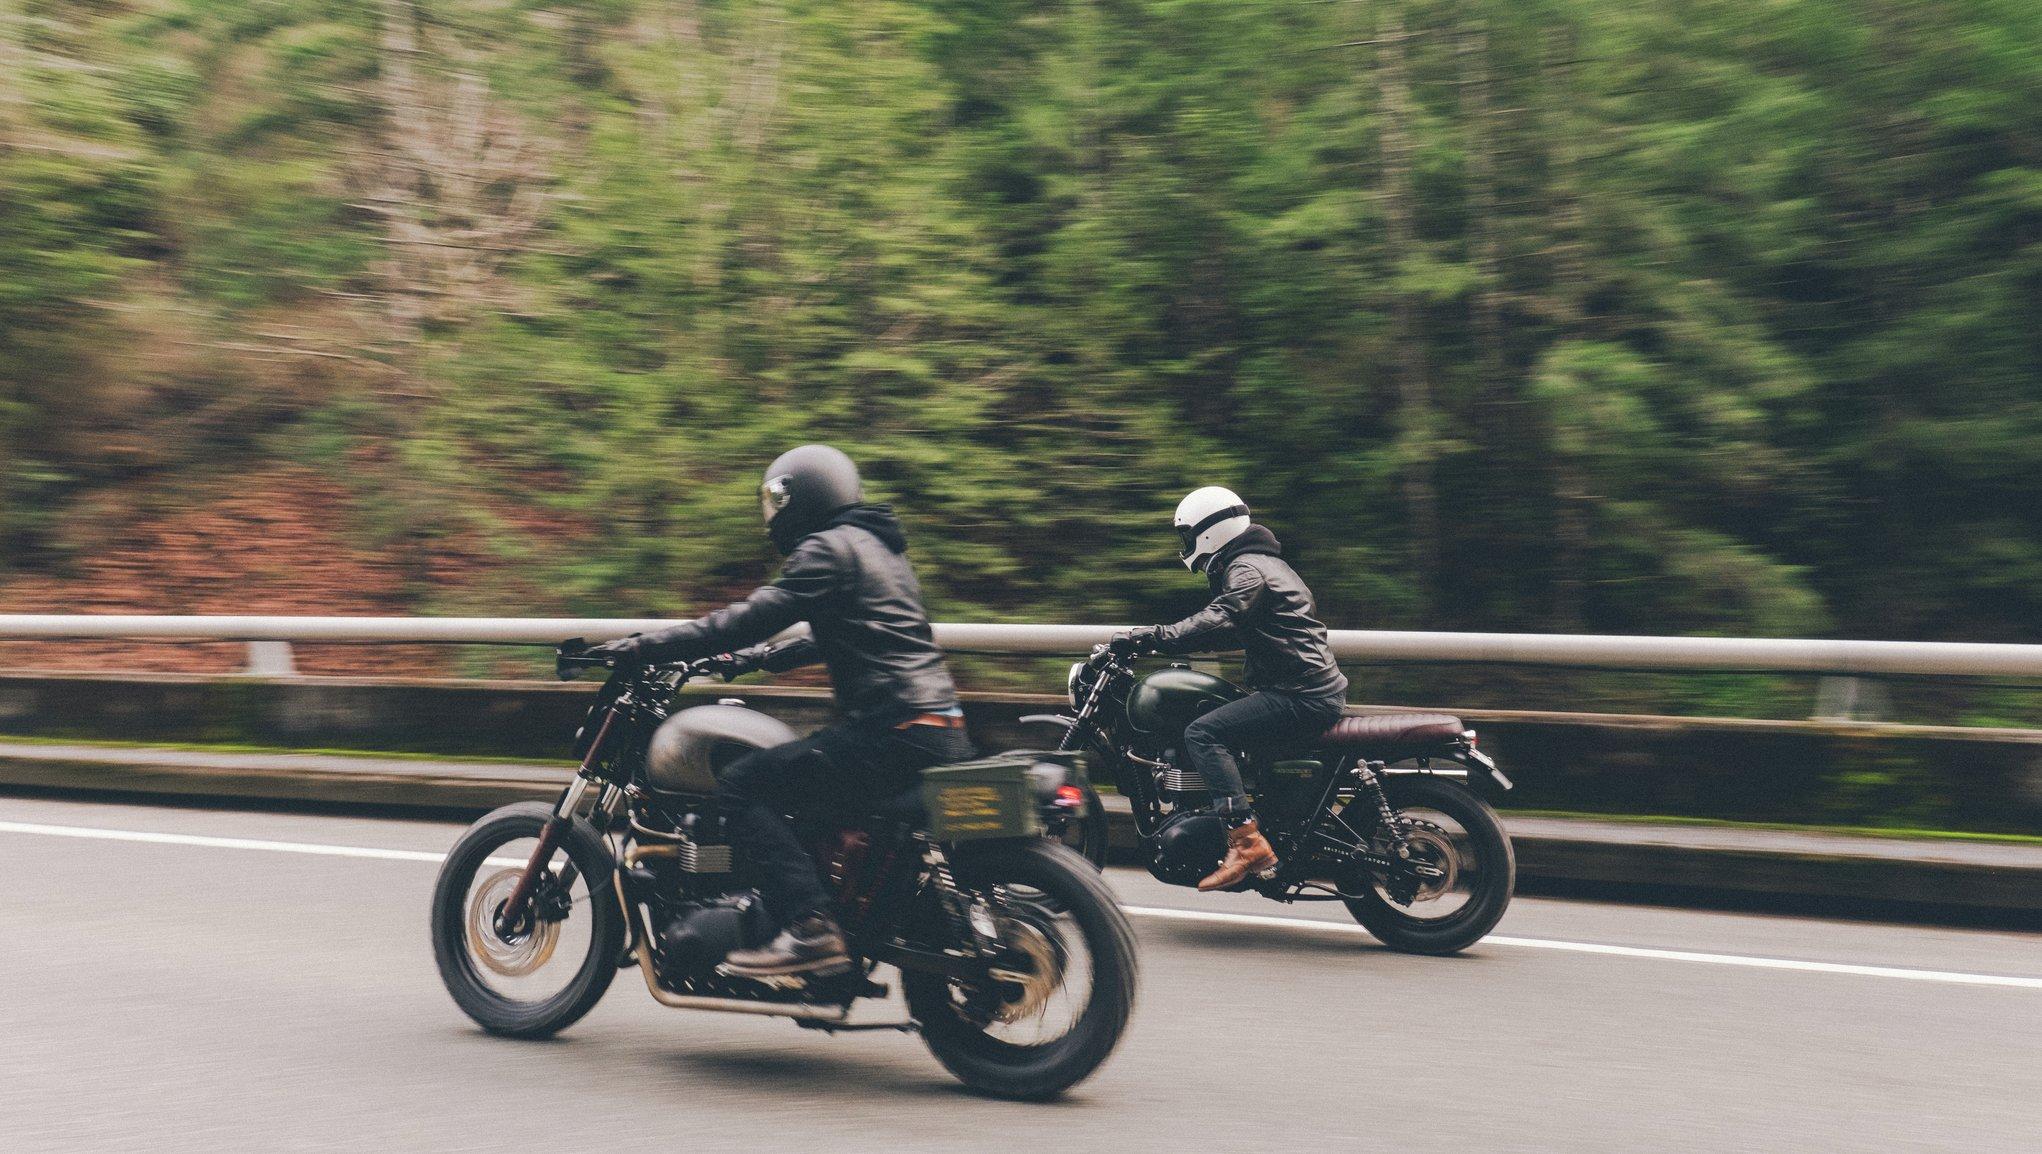 Kaksi moottoripyöräilijää ajaa tiellä